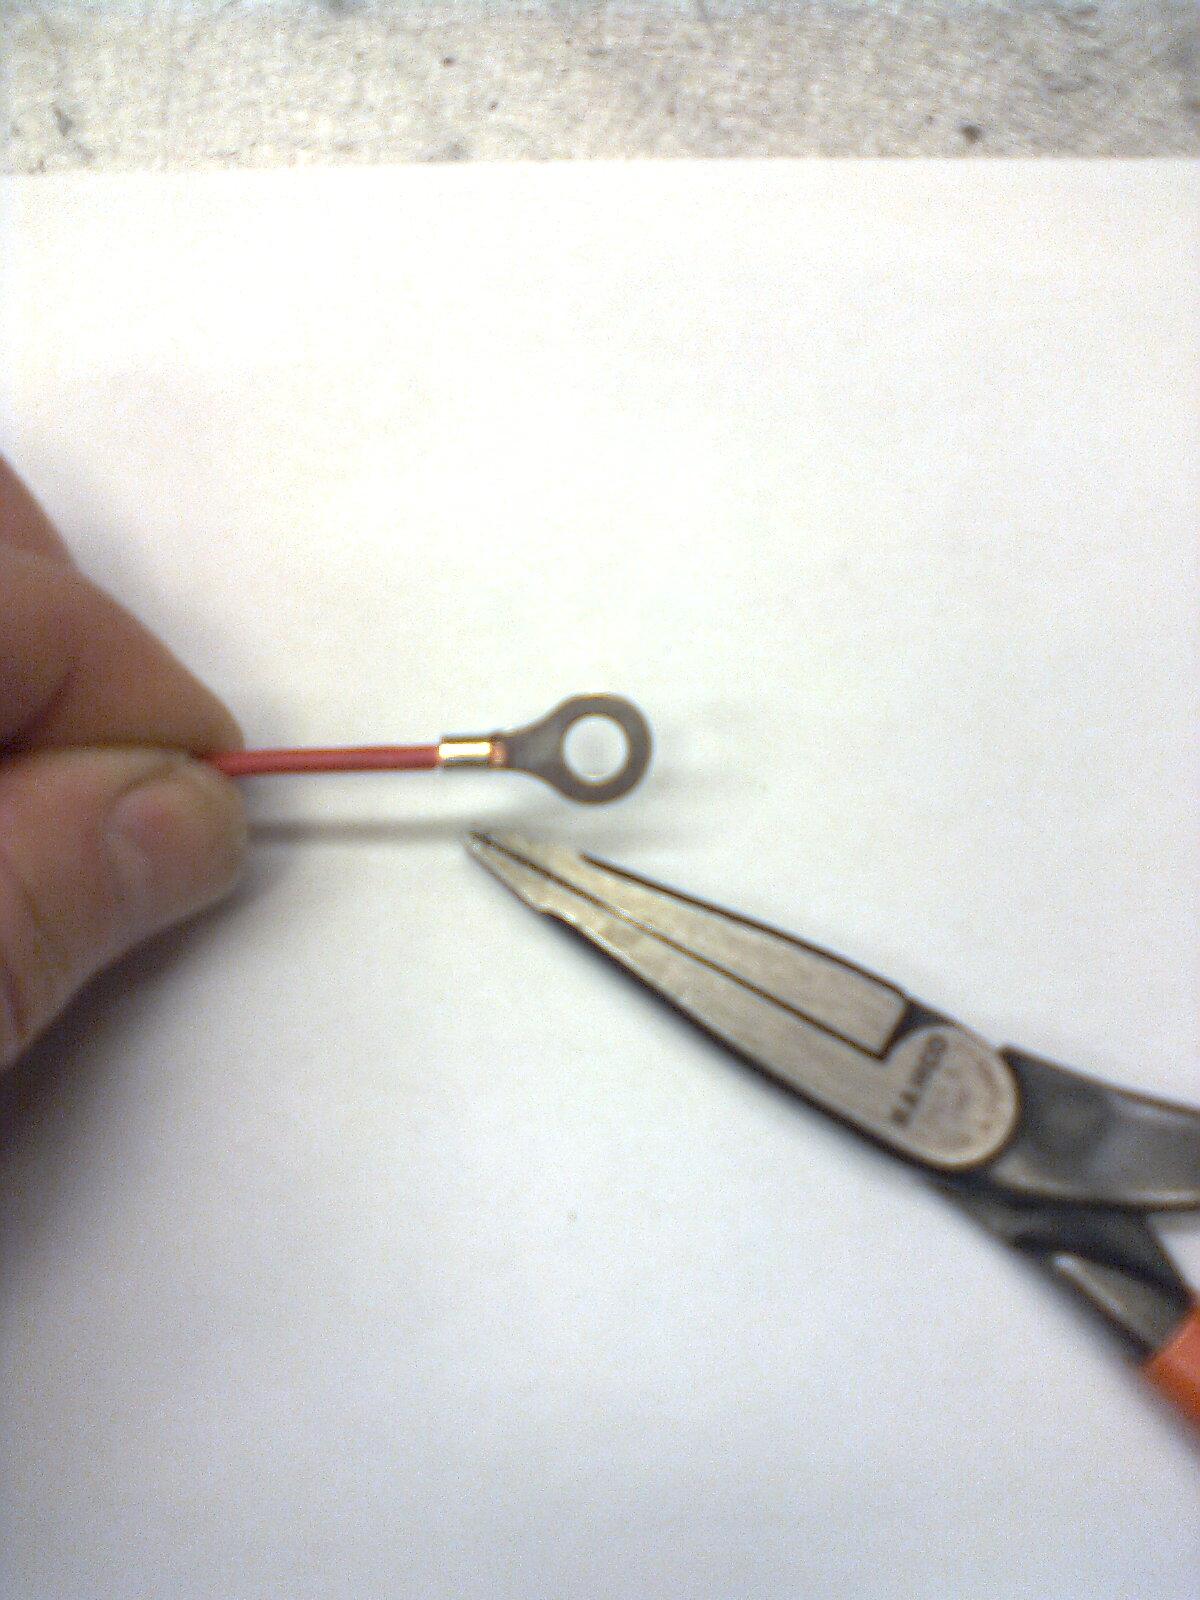 Stick i den skalade trådänden, pressa ihop lite löst med en tång.